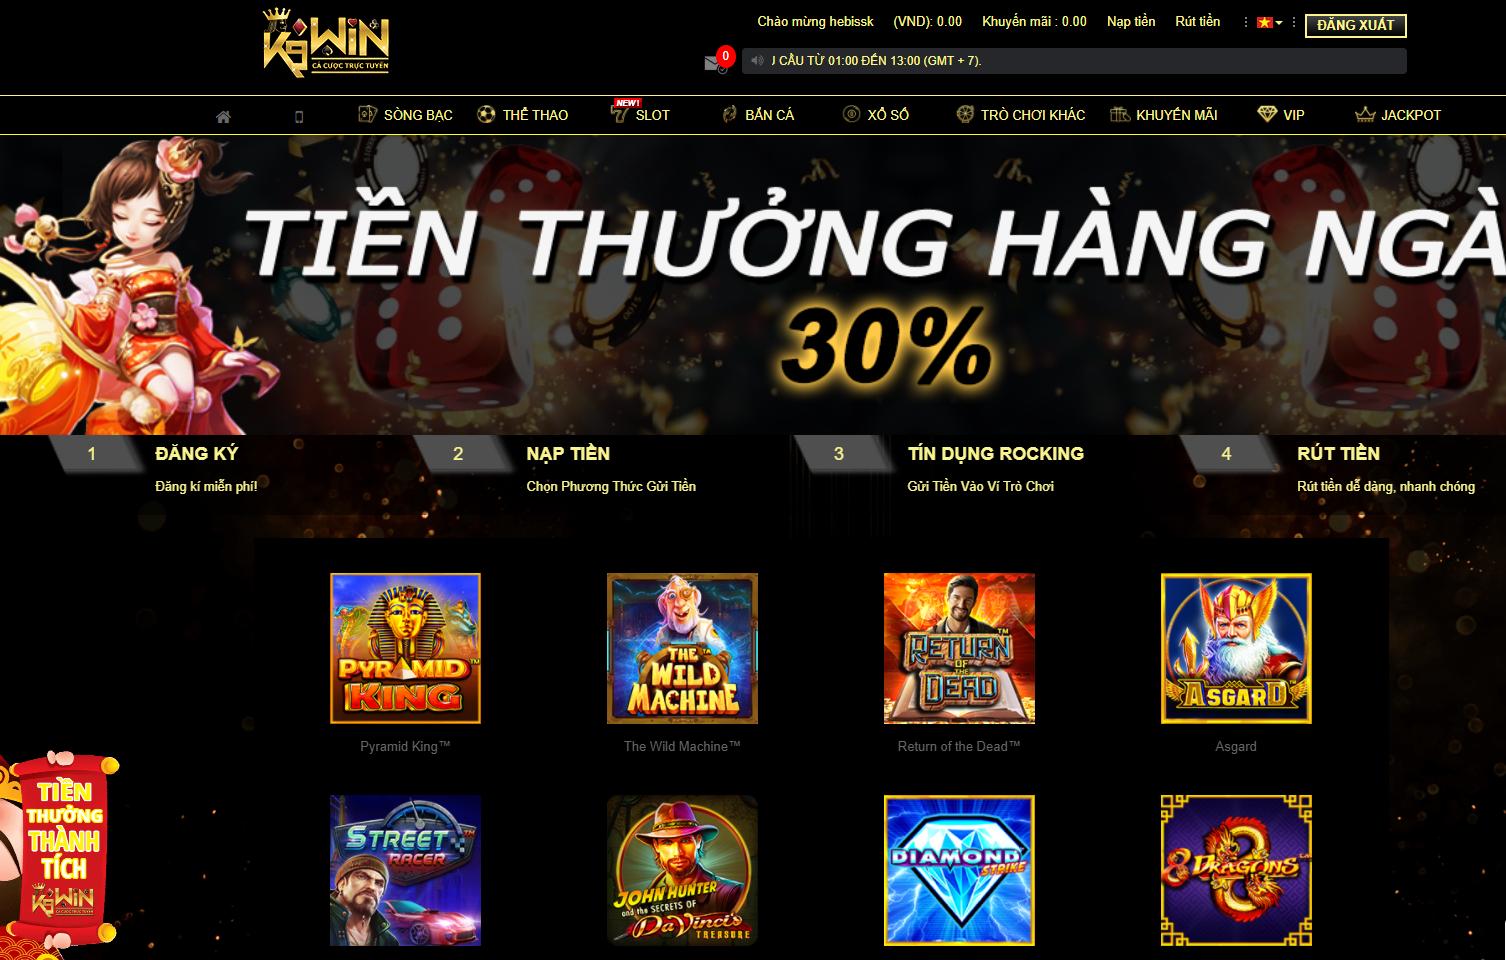 k9win 1 - K9Win Việt Nam - Thiên đường giải trí trực tuyến hàng đầu Châu Á